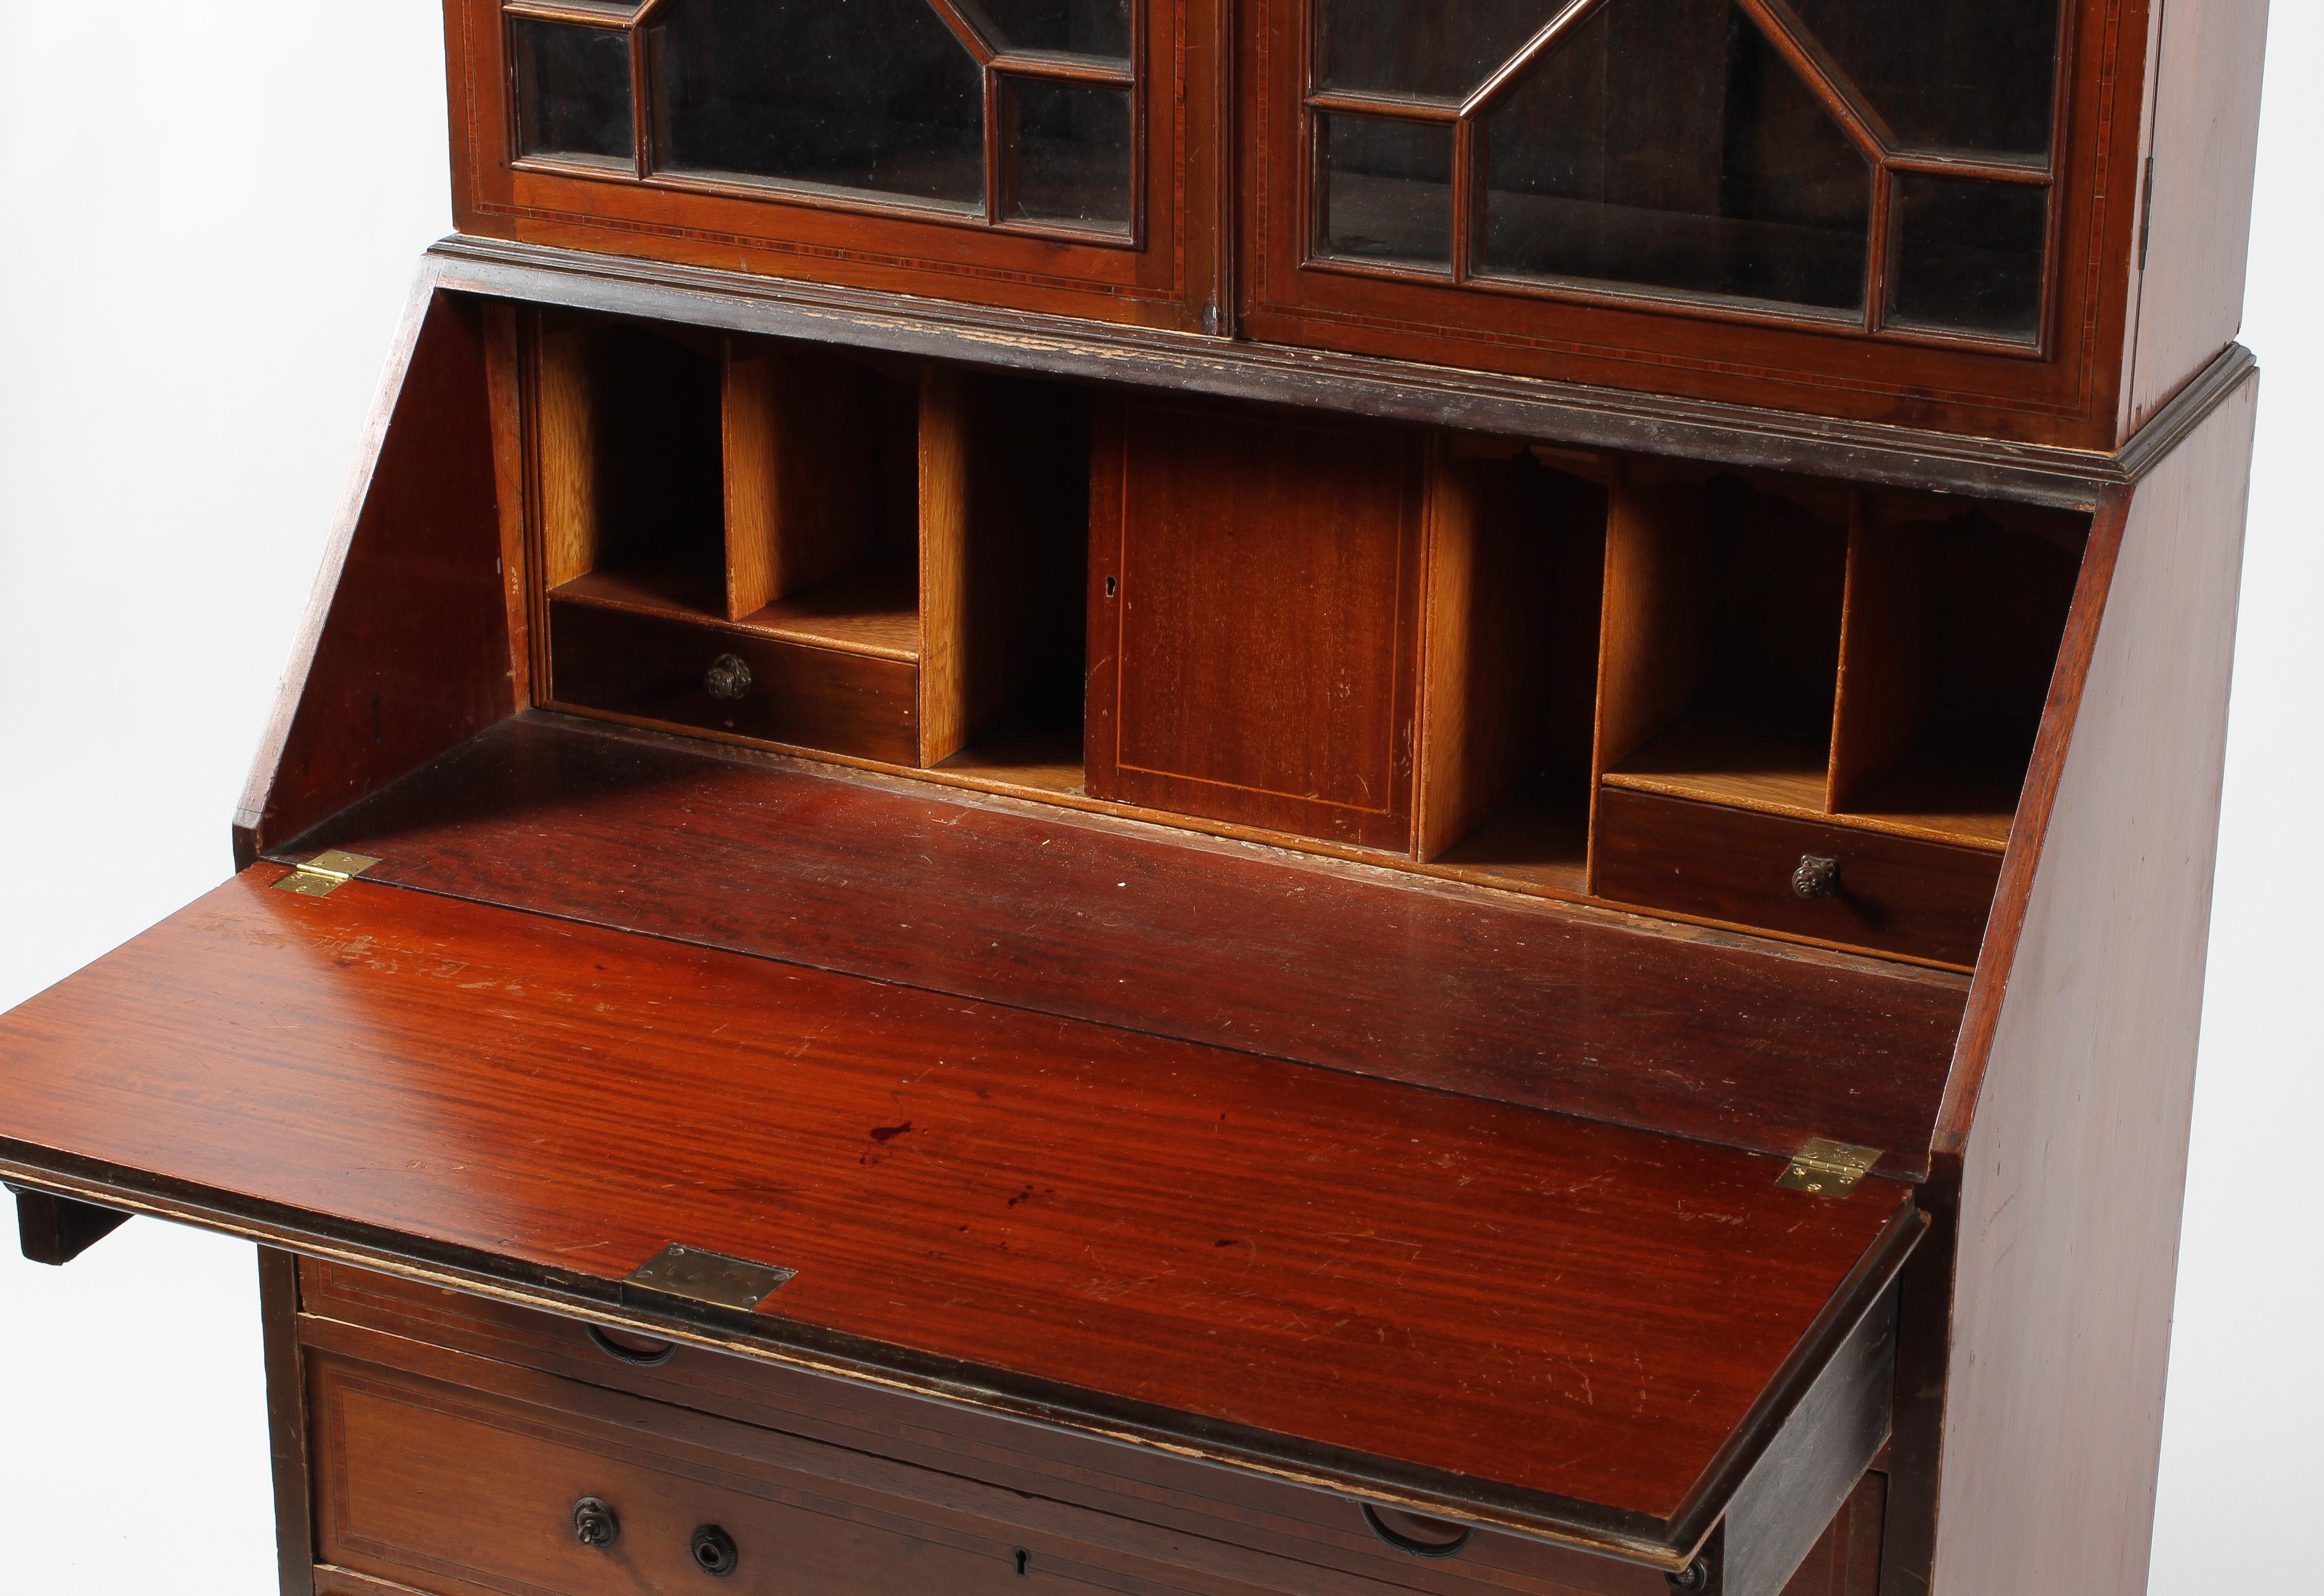 A Georgian style mahogany and inlaid bureau bookcase, - Image 2 of 2